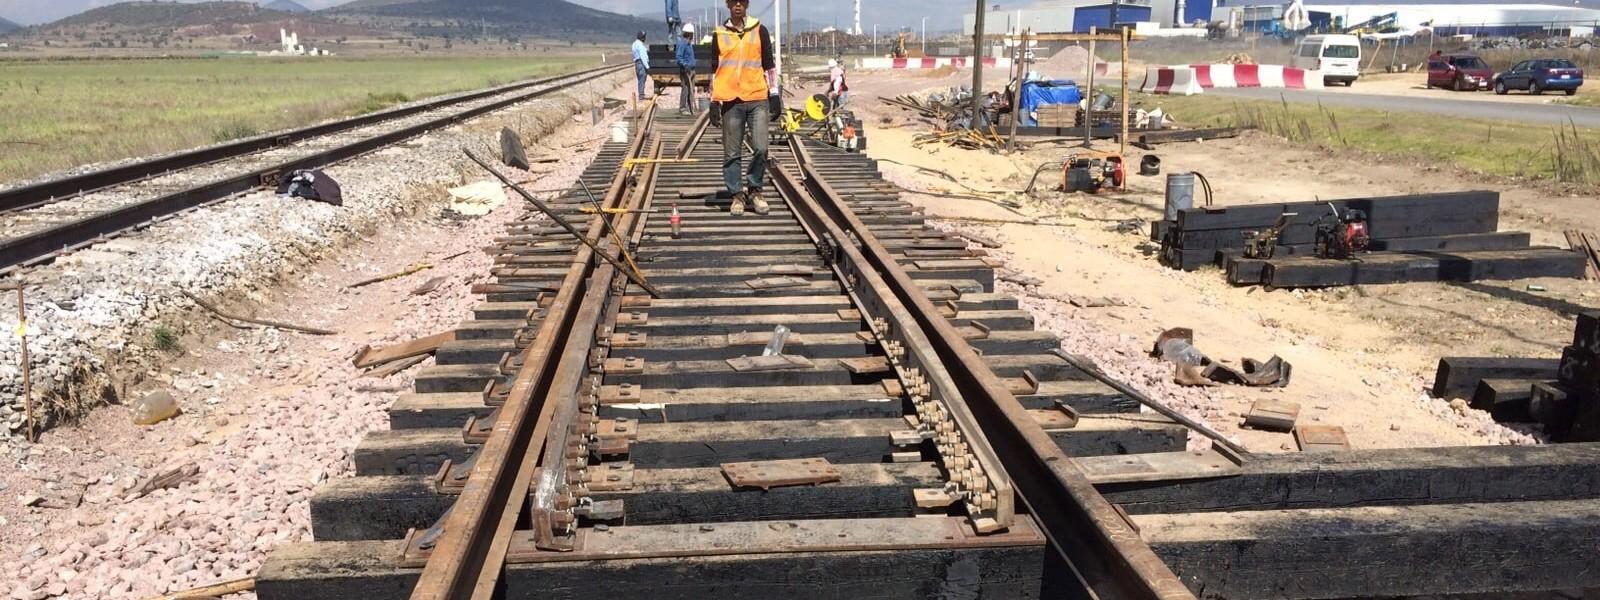 Siria reconstruye vías ferroviarias destruidas por la guerra